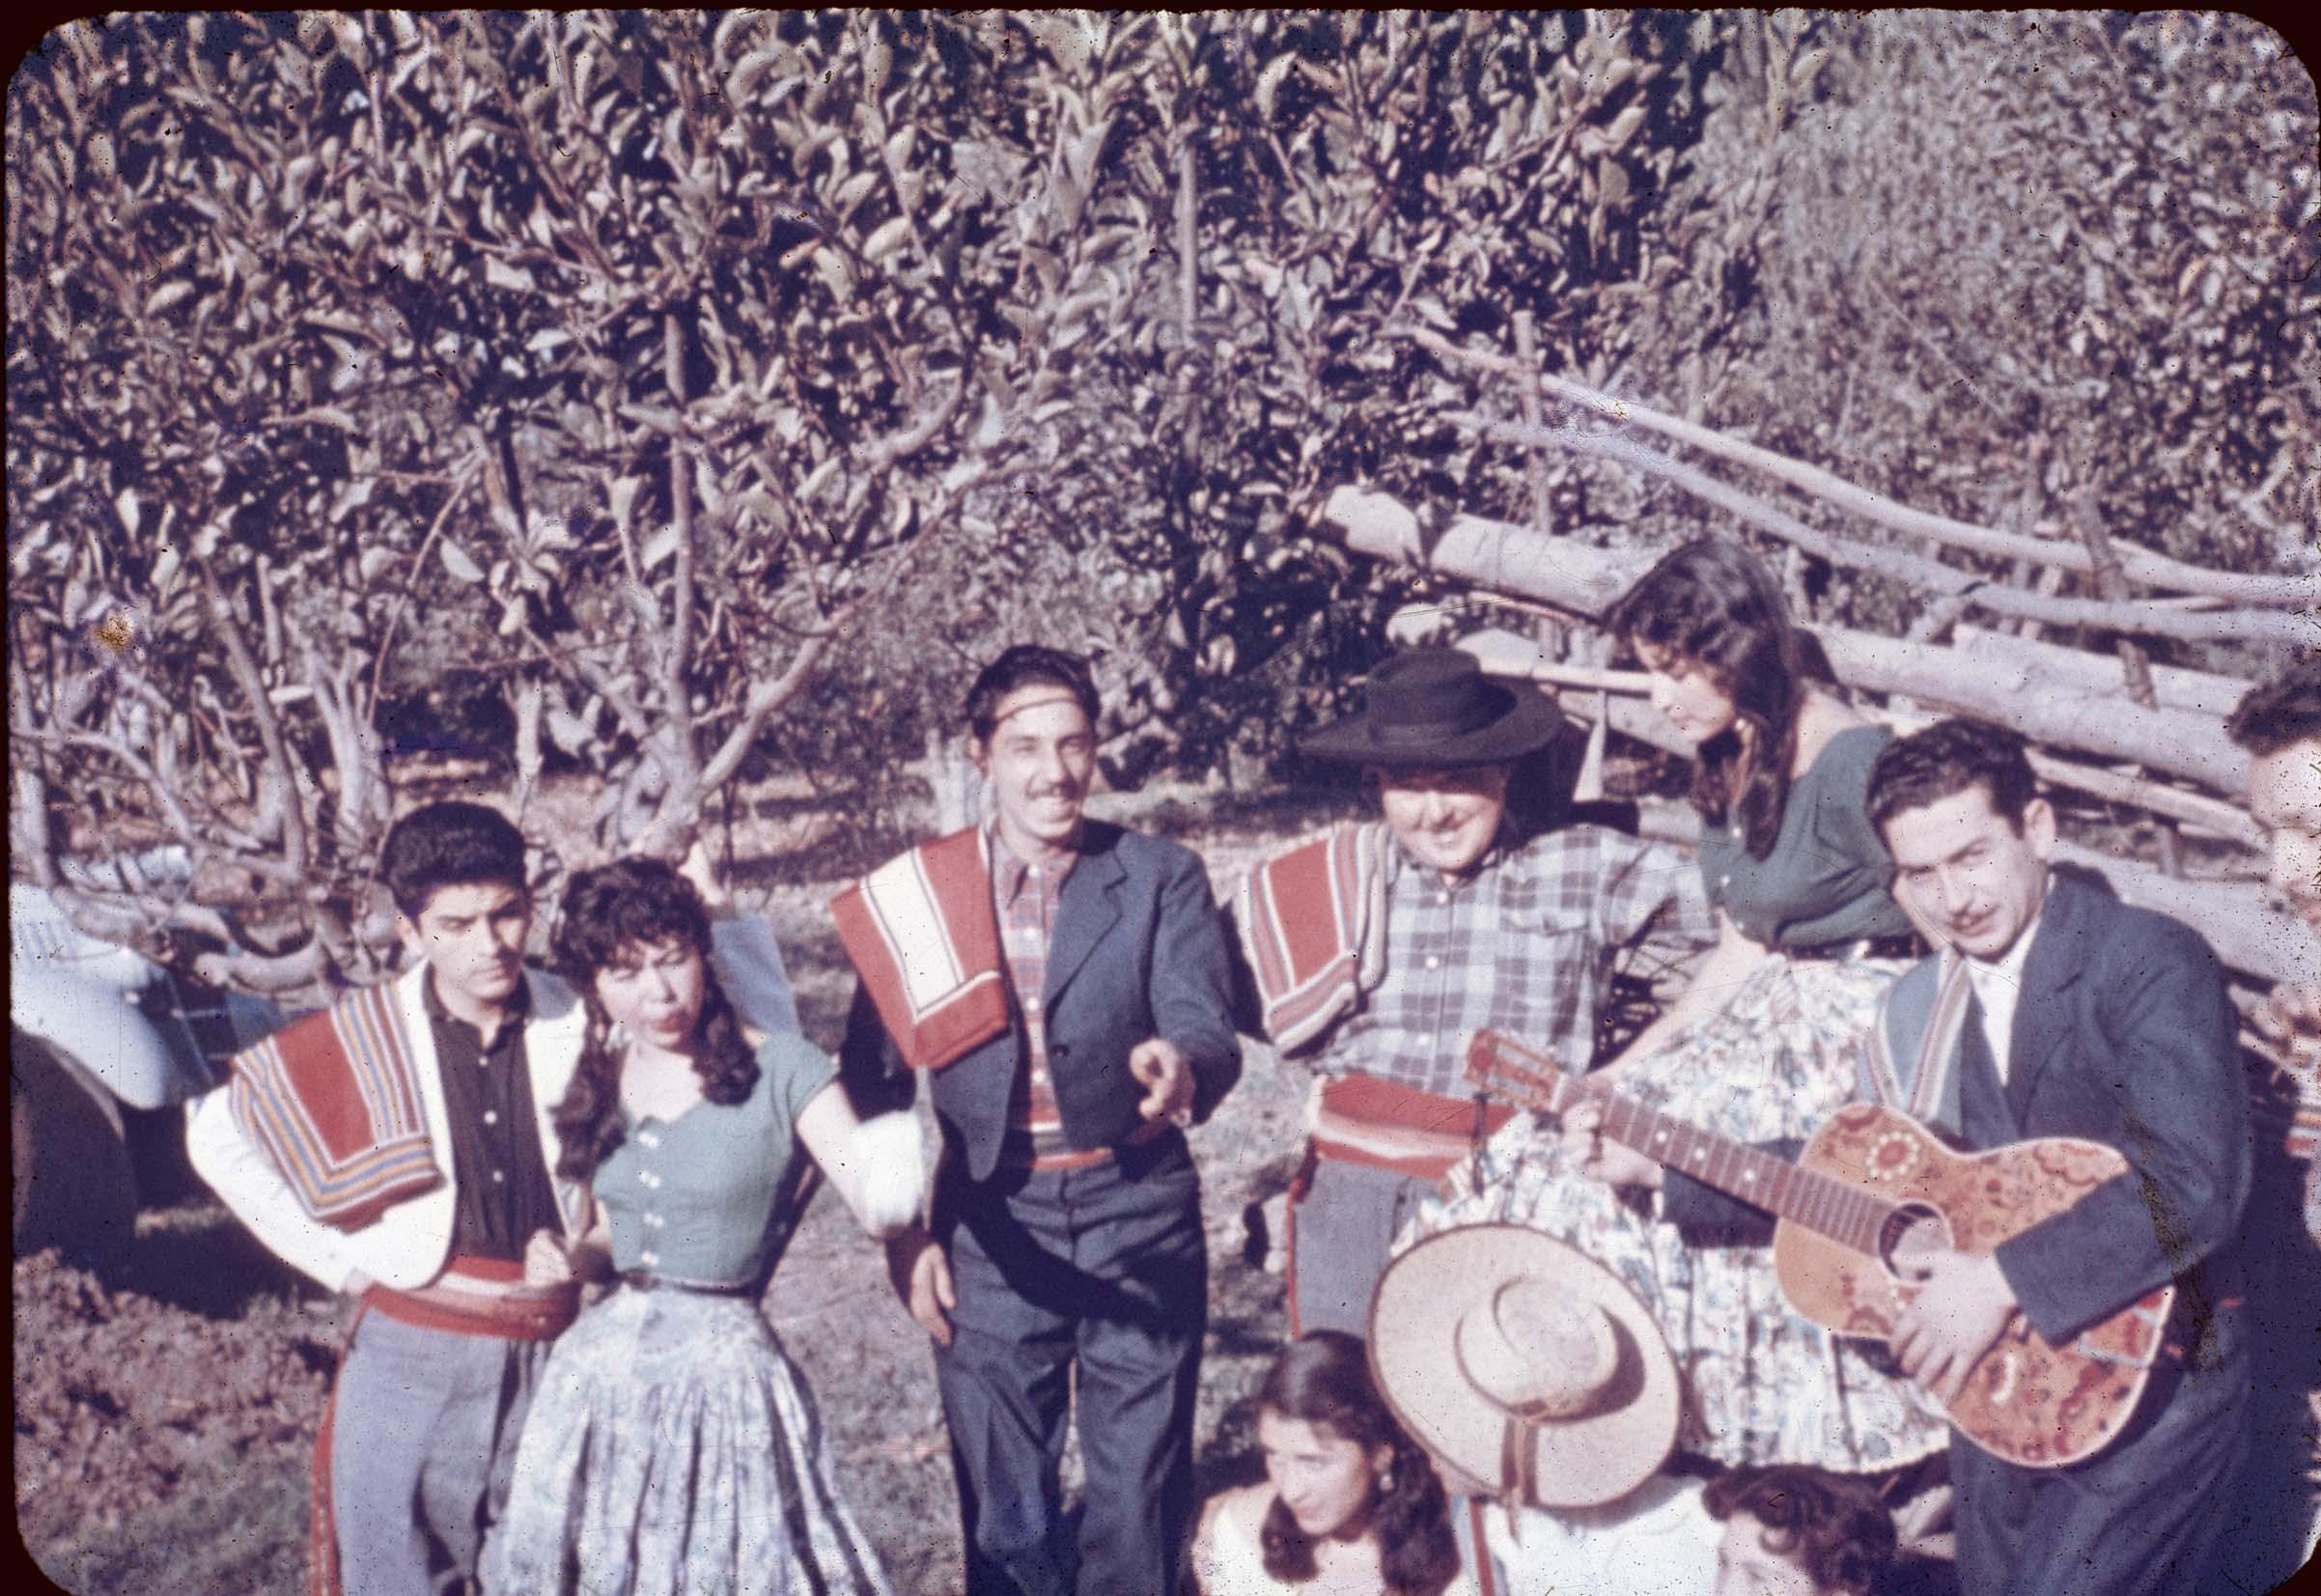 Enterreno - Fotos históricas de chile - fotos antiguas de Chile - Huasos en Curicó en los 60